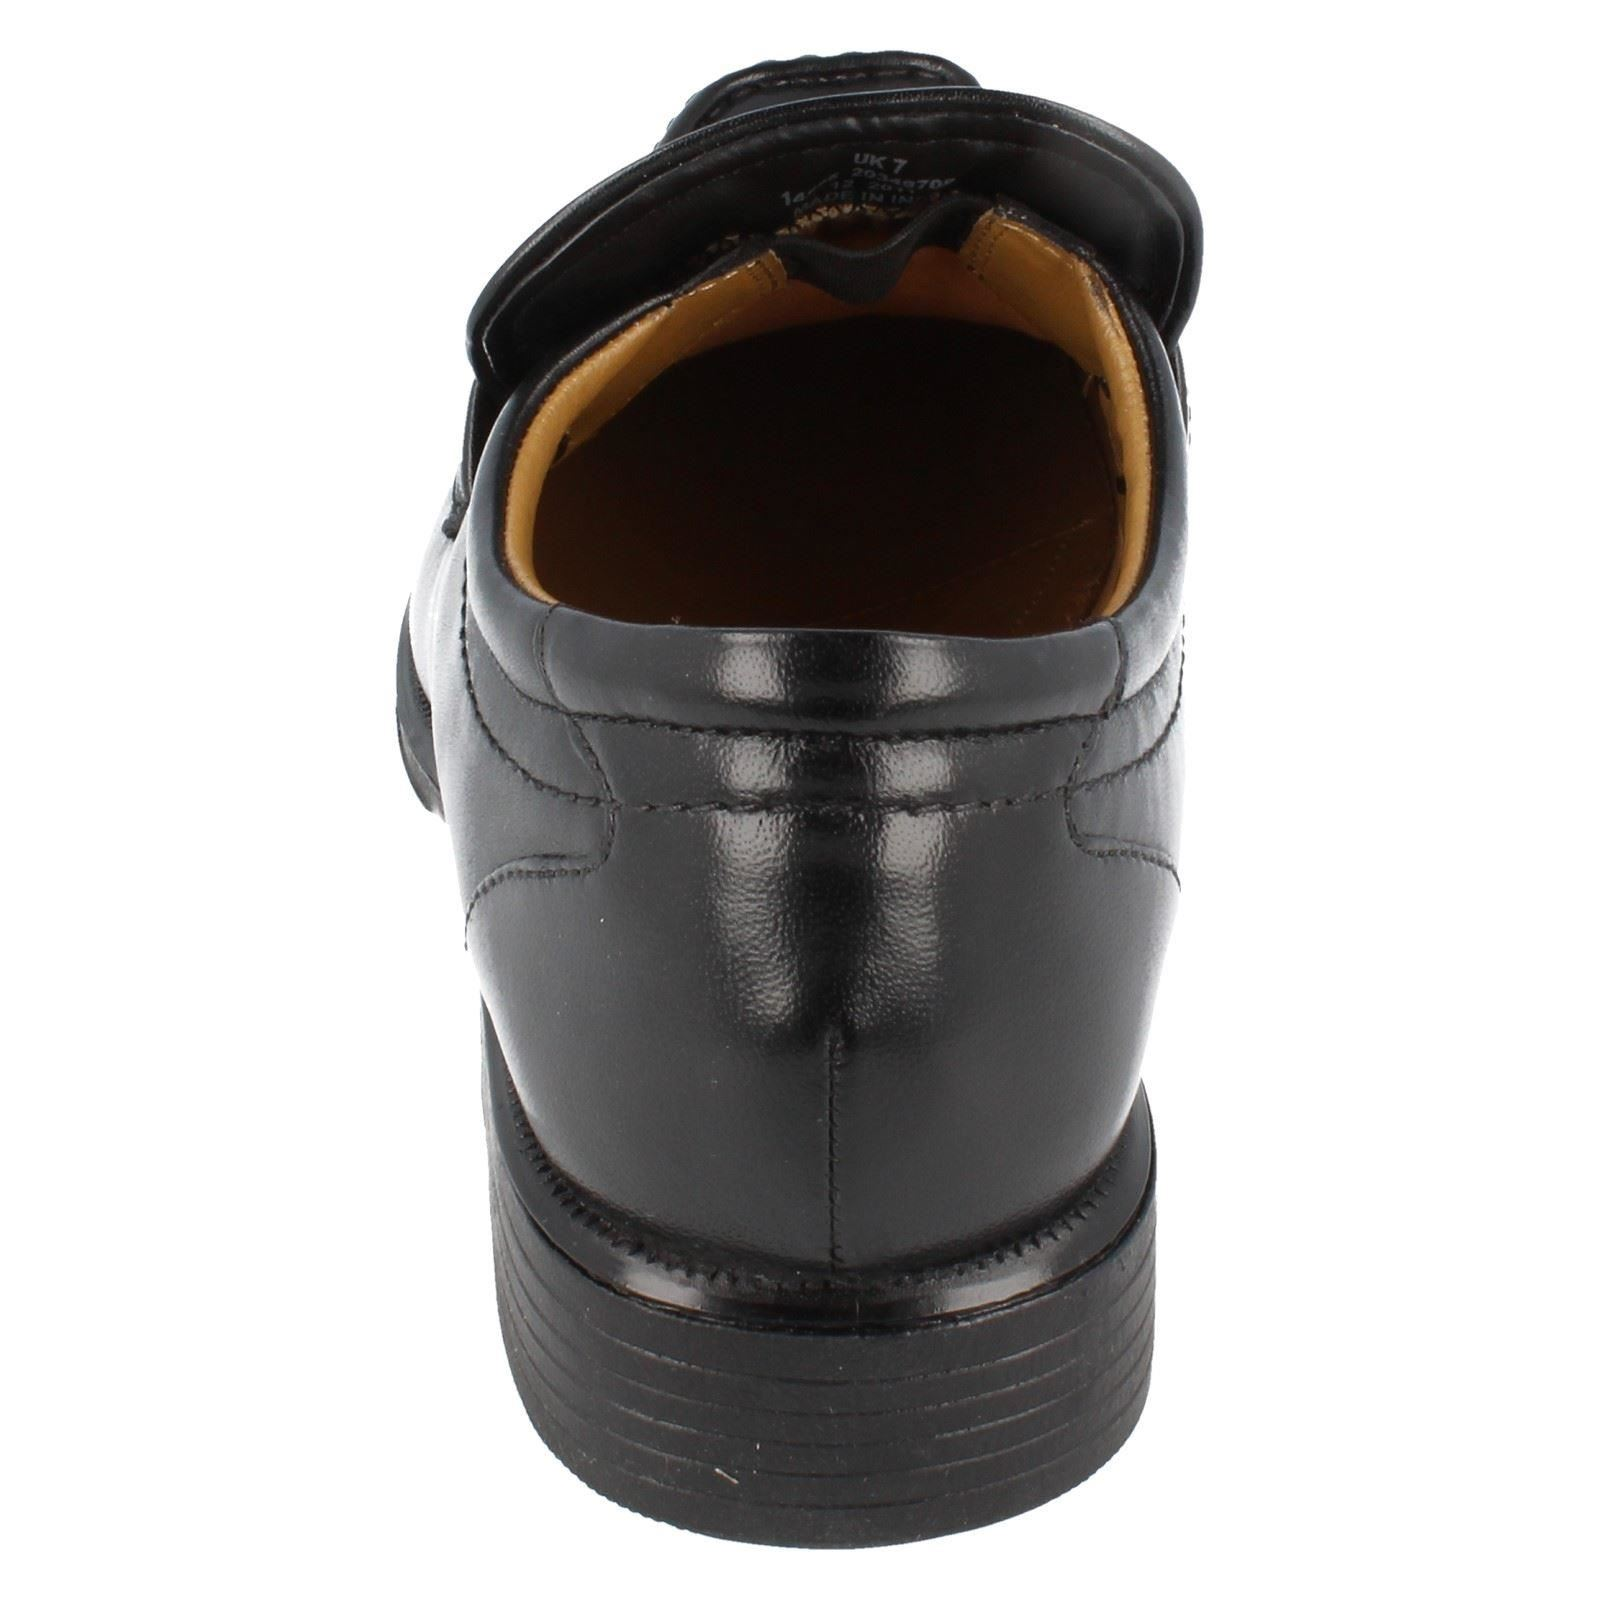 Uomo Clarks Slip Slip Slip On Shoes the Style Hoist Work ~ N de4891